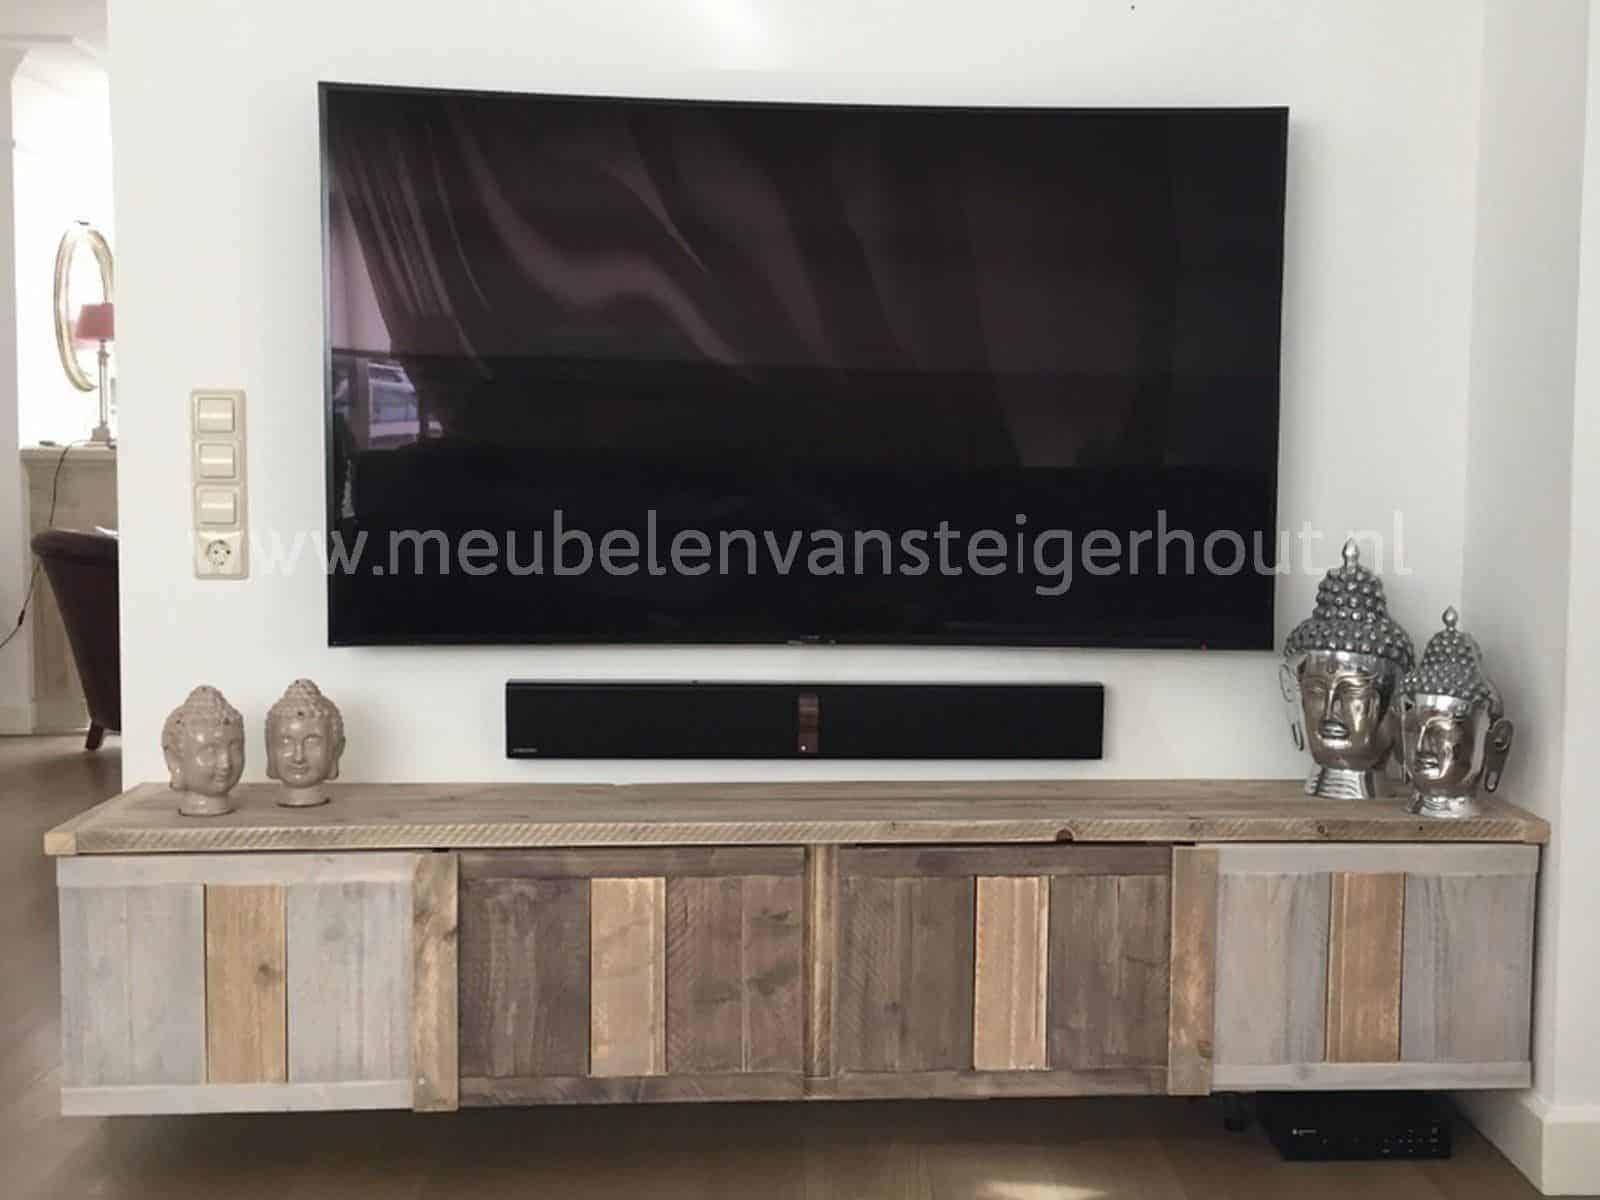 Tv Meubel Kast Steigerhout.Tv Meubel Steigerhout 10 Meubelen Van Steigerhout